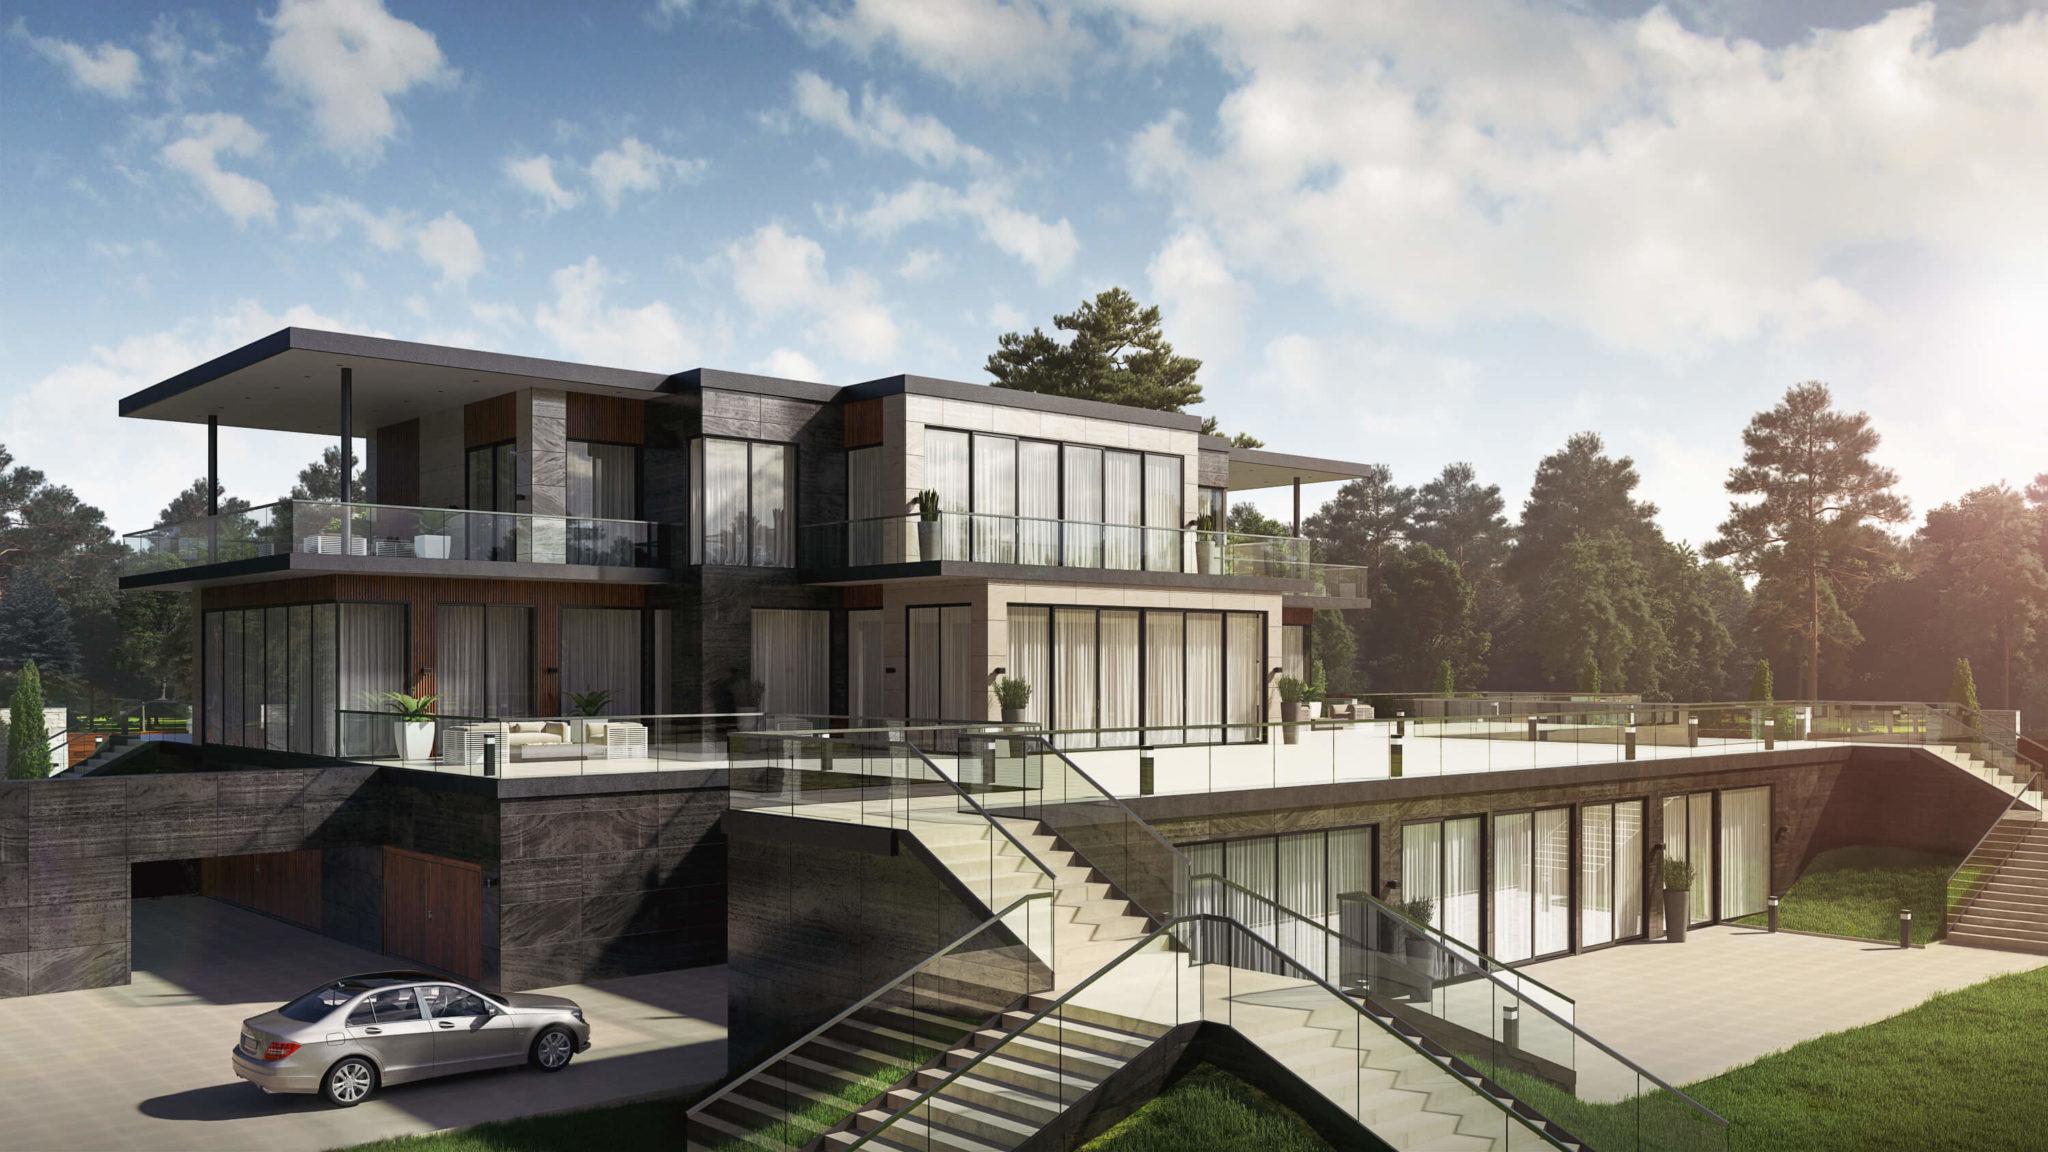 Эффектный дизайн фасада дома в дневном и вечернем свете Вид04